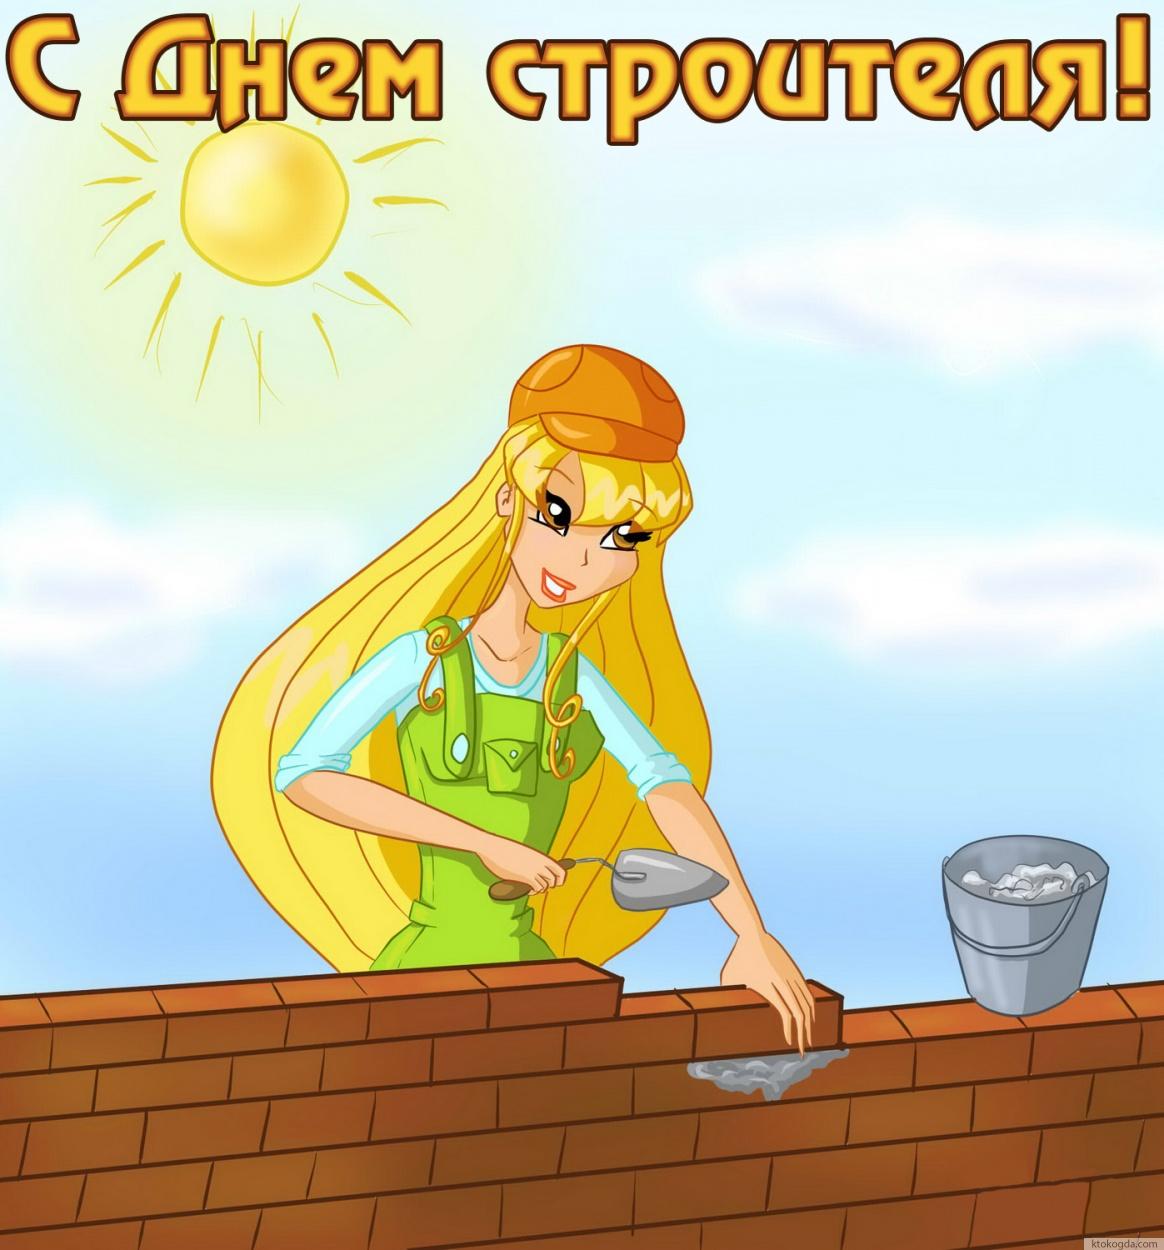 Открытки. С Днем Строителя! Девушка кладет стенку открытки фото рисунки картинки поздравления